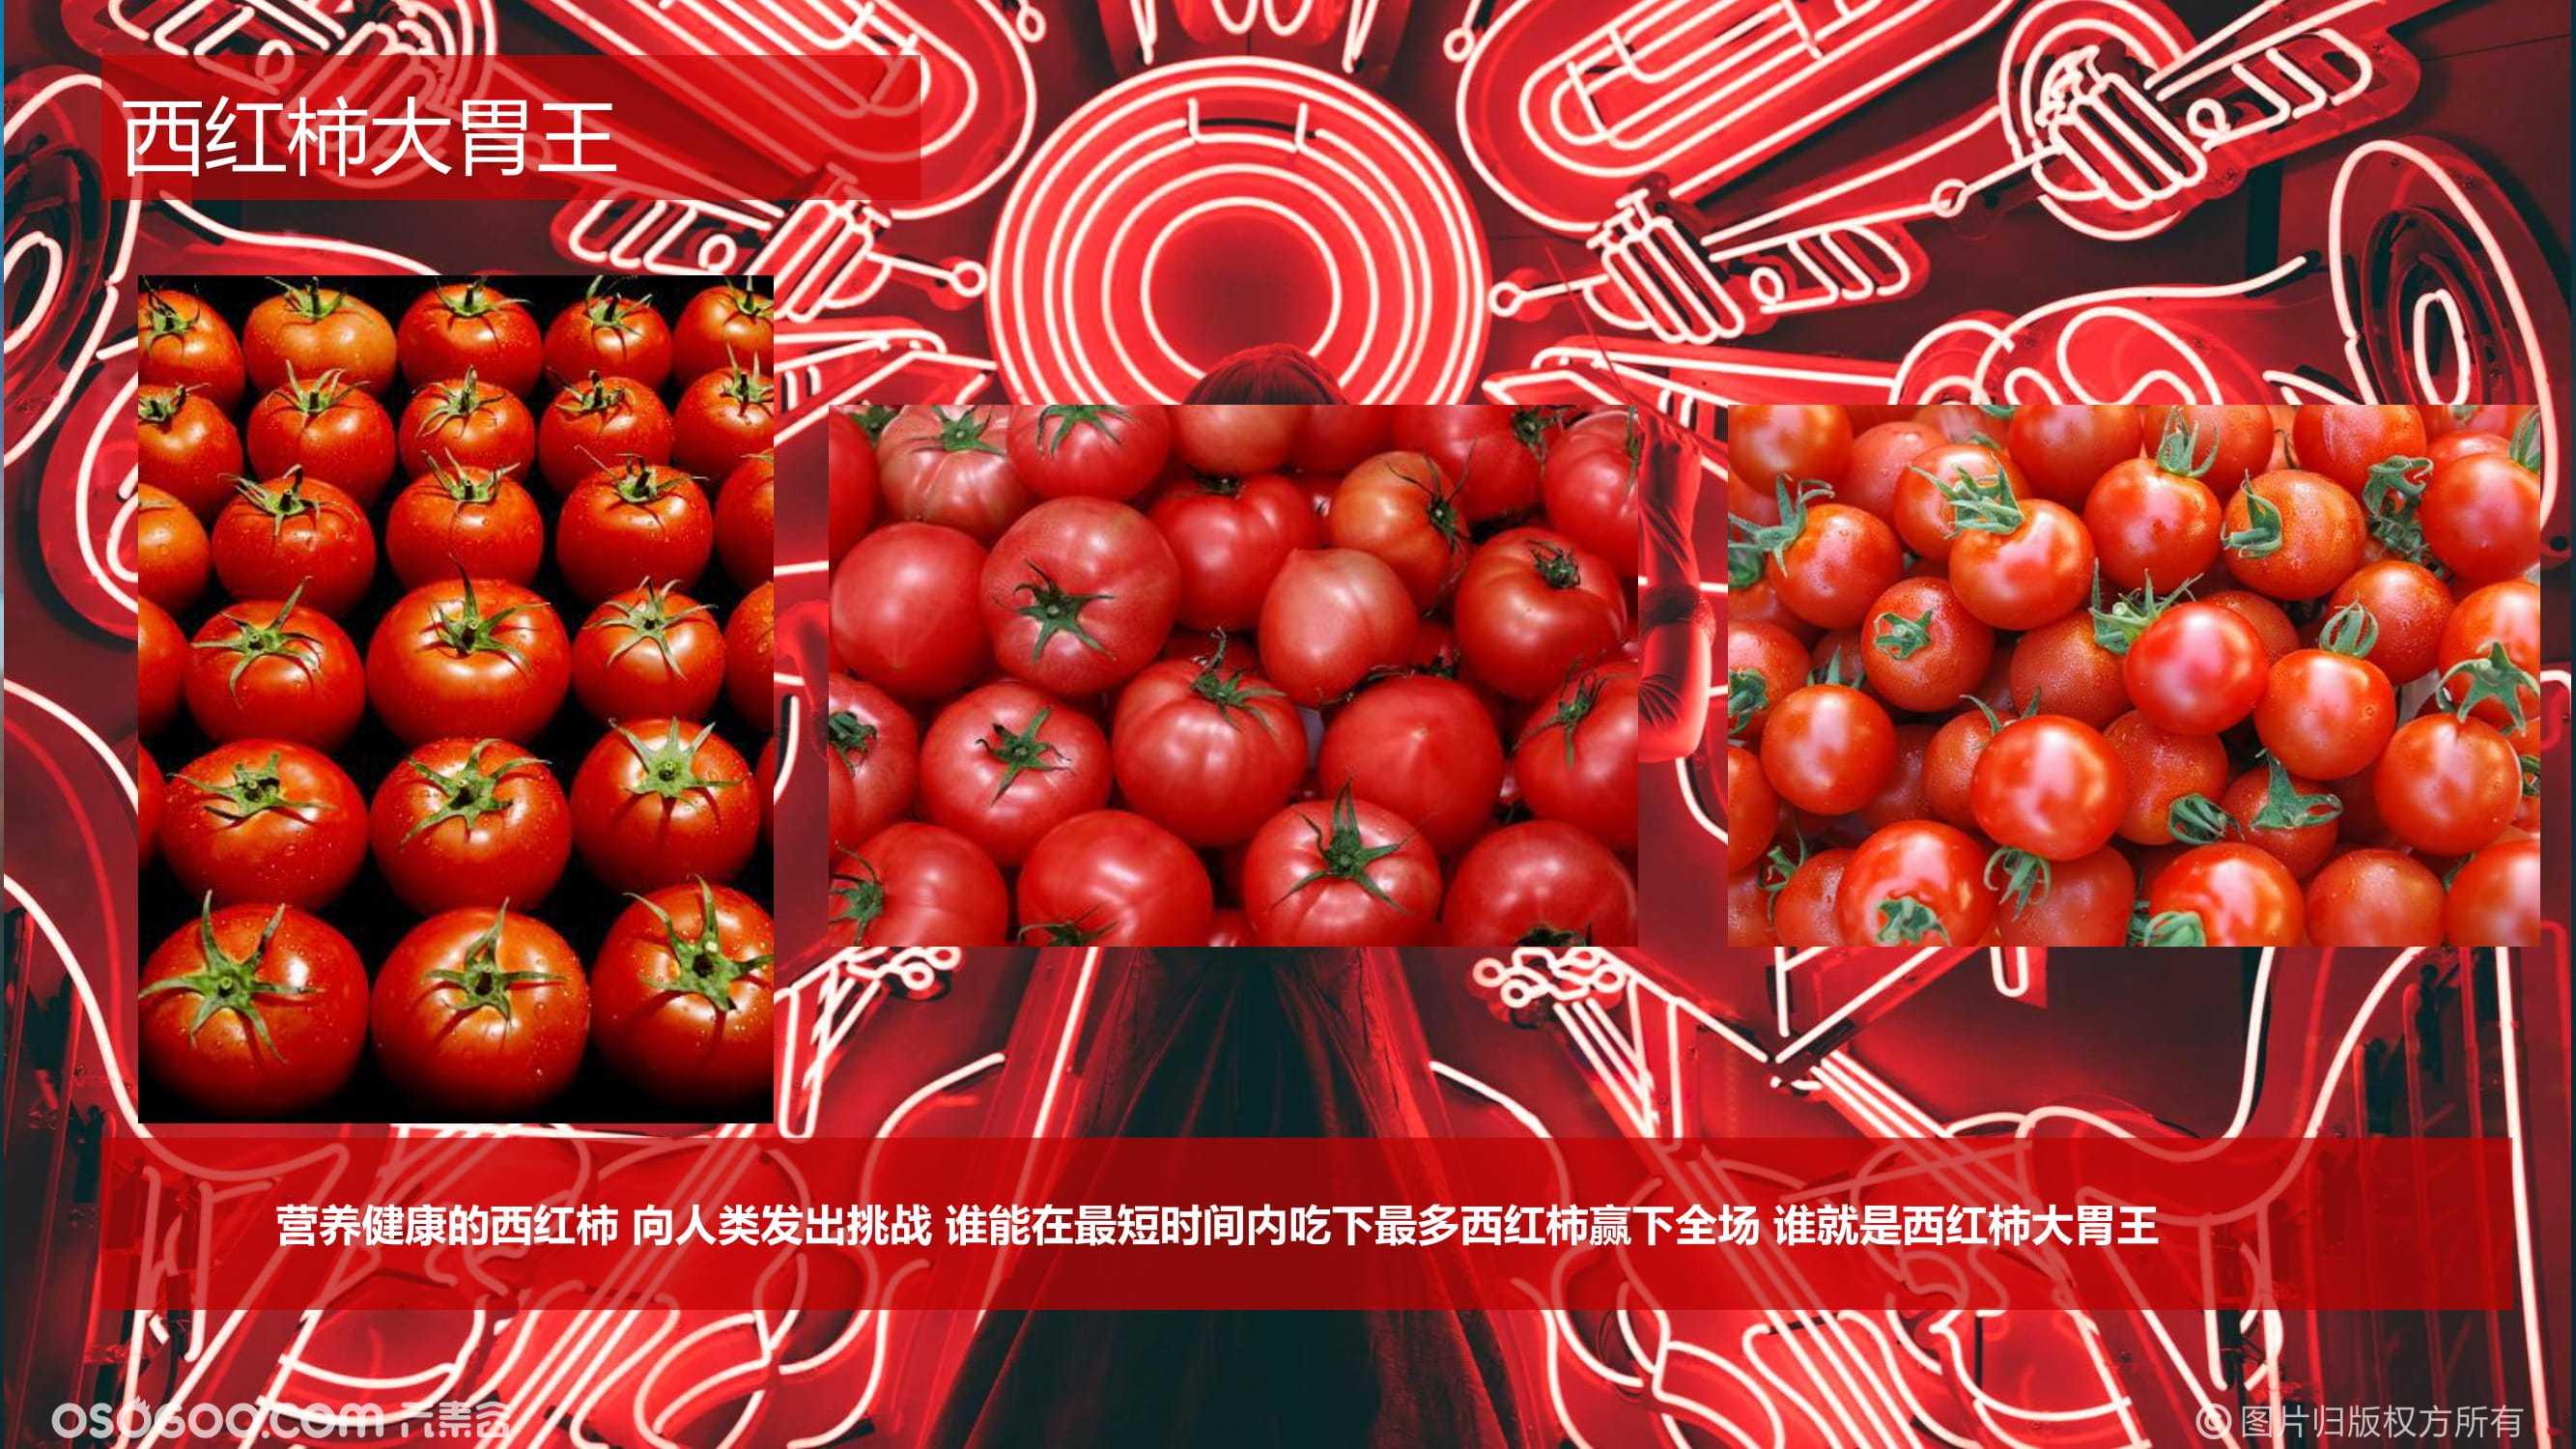 超级西红柿音乐节